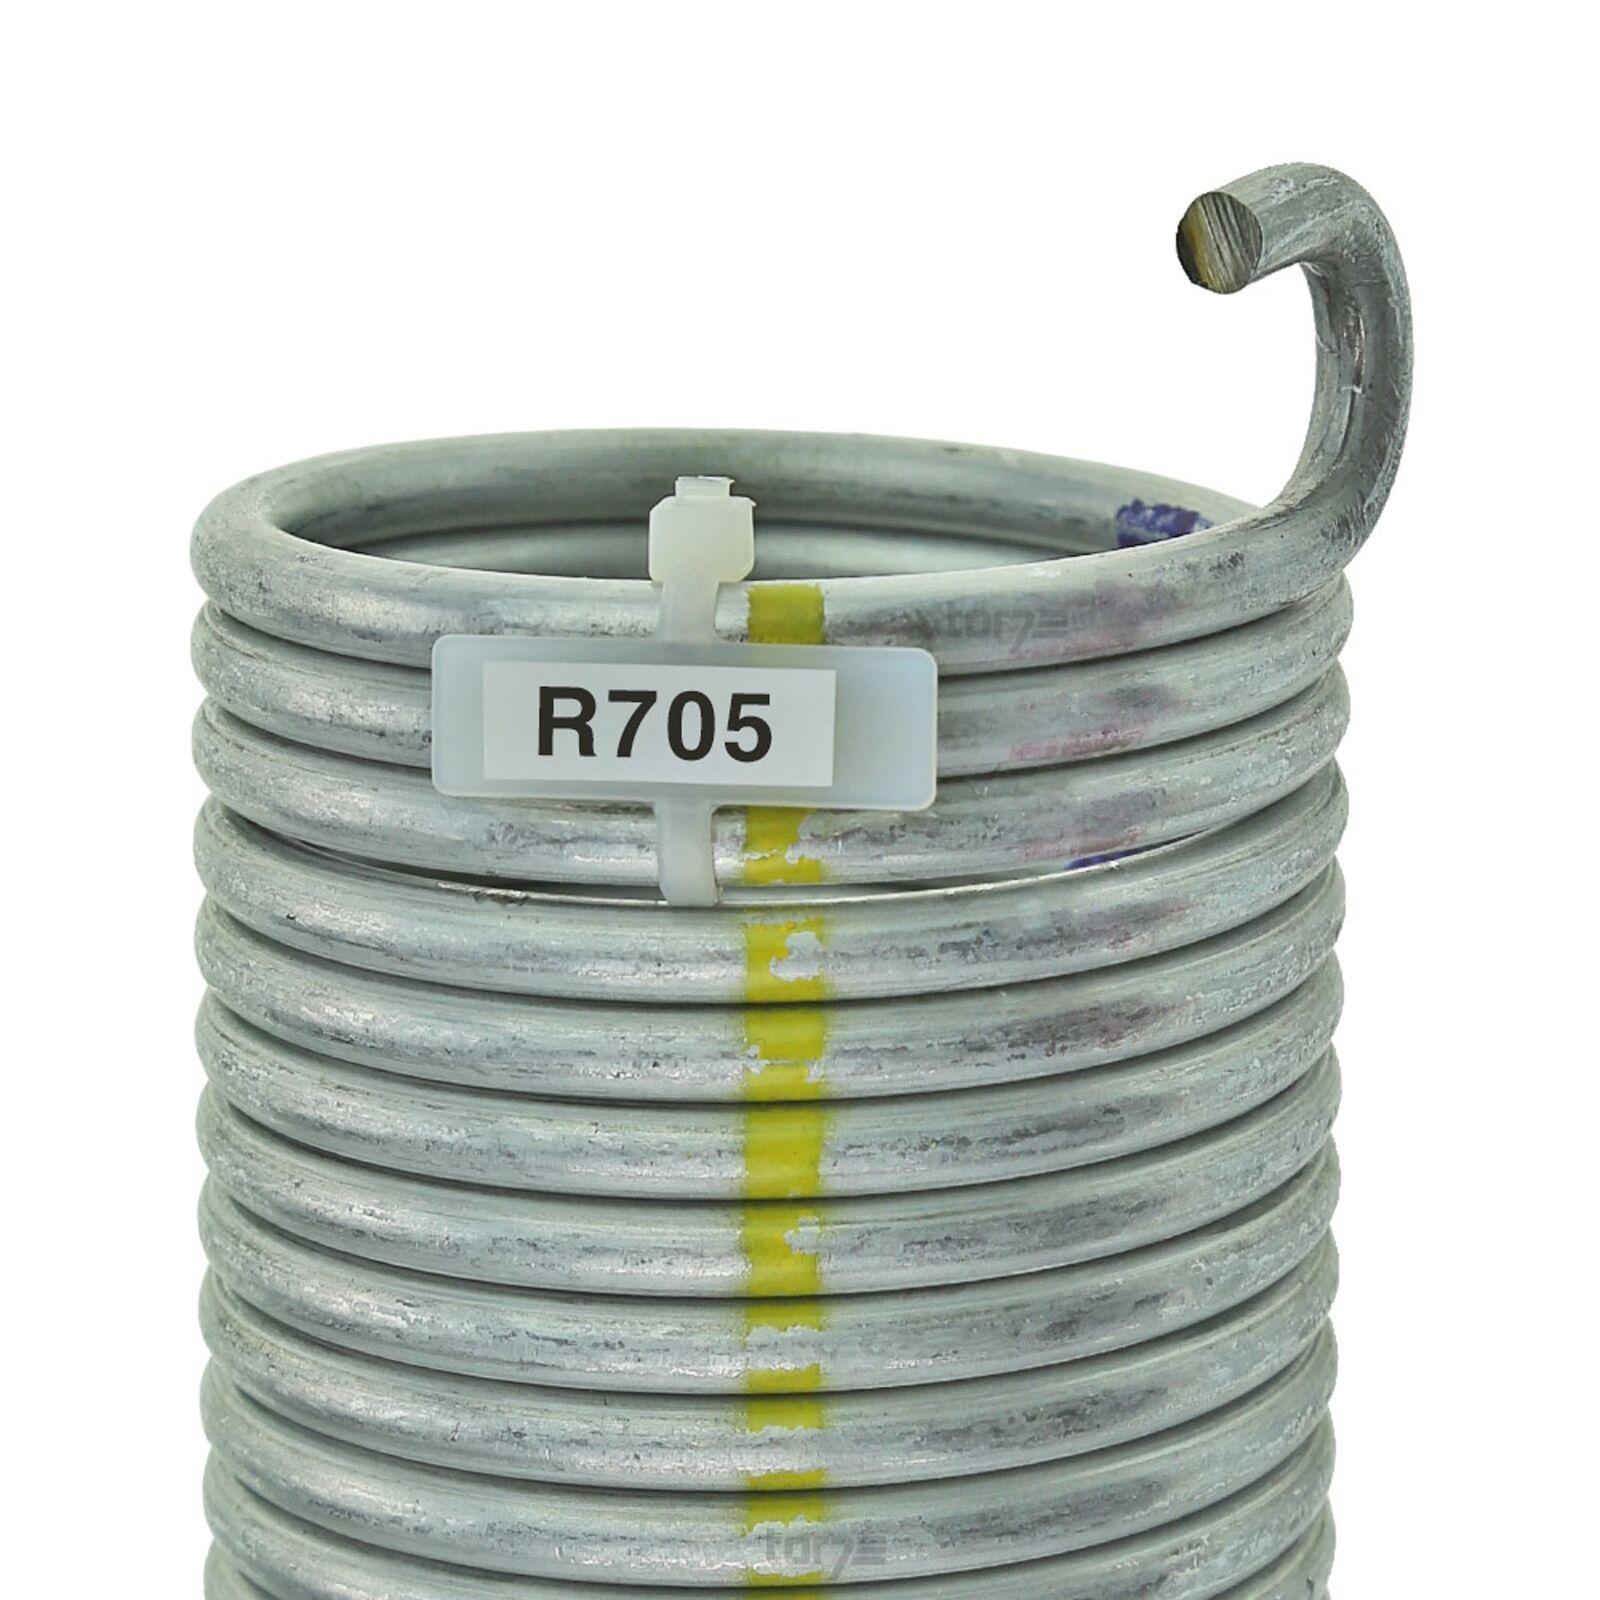 Torsionsfeder R705   R25 für Hörmann Garagentor Garagentorfeder Torfeder